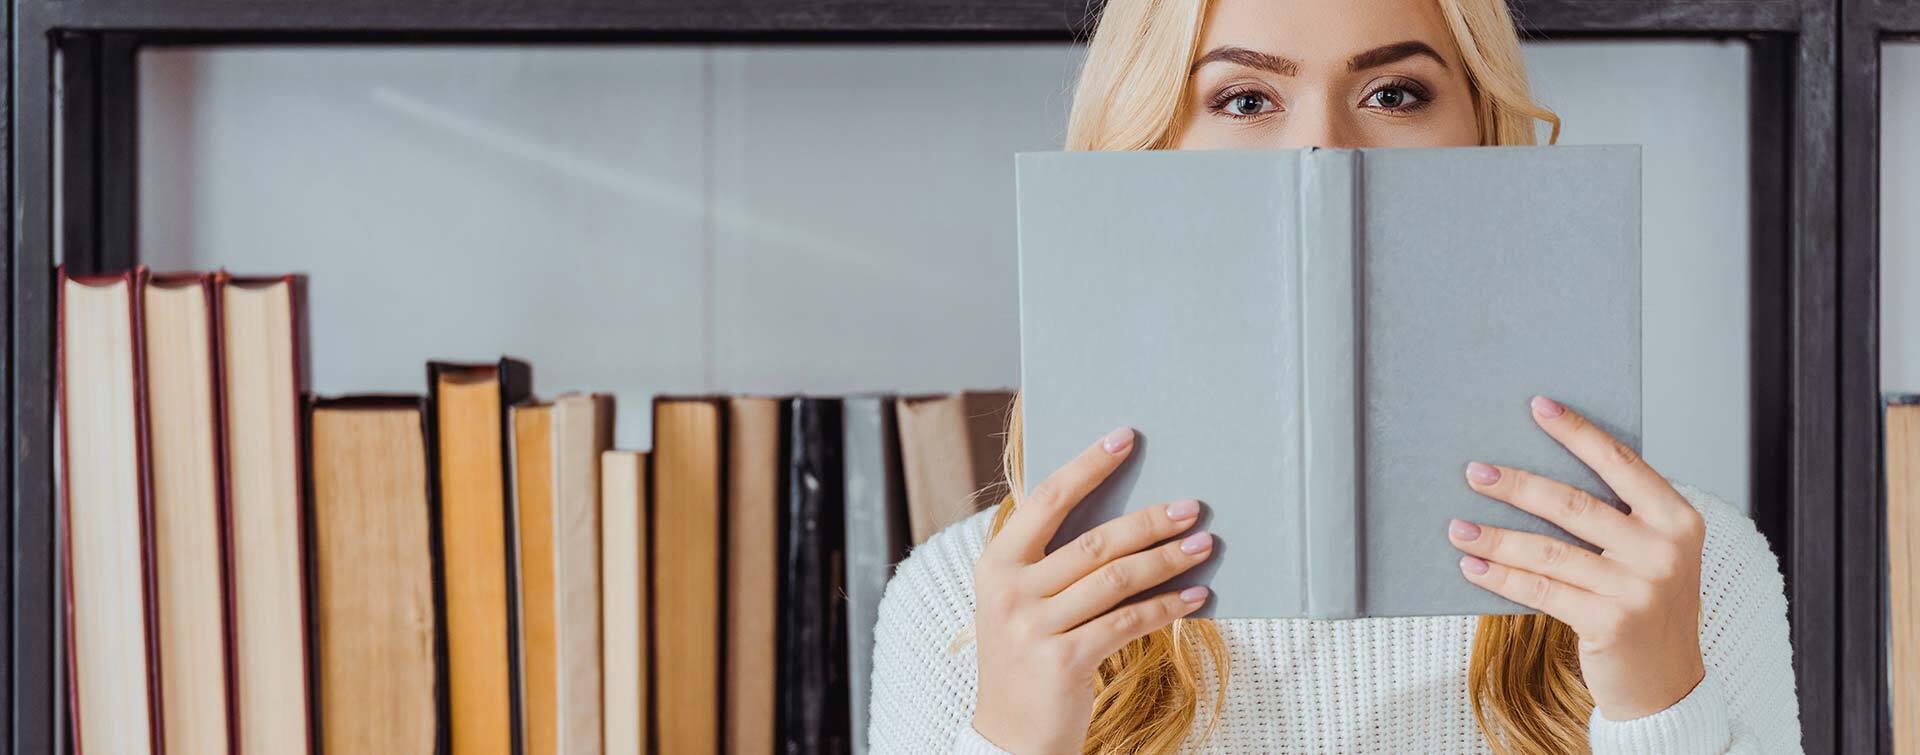 Jak sprzedać książki?